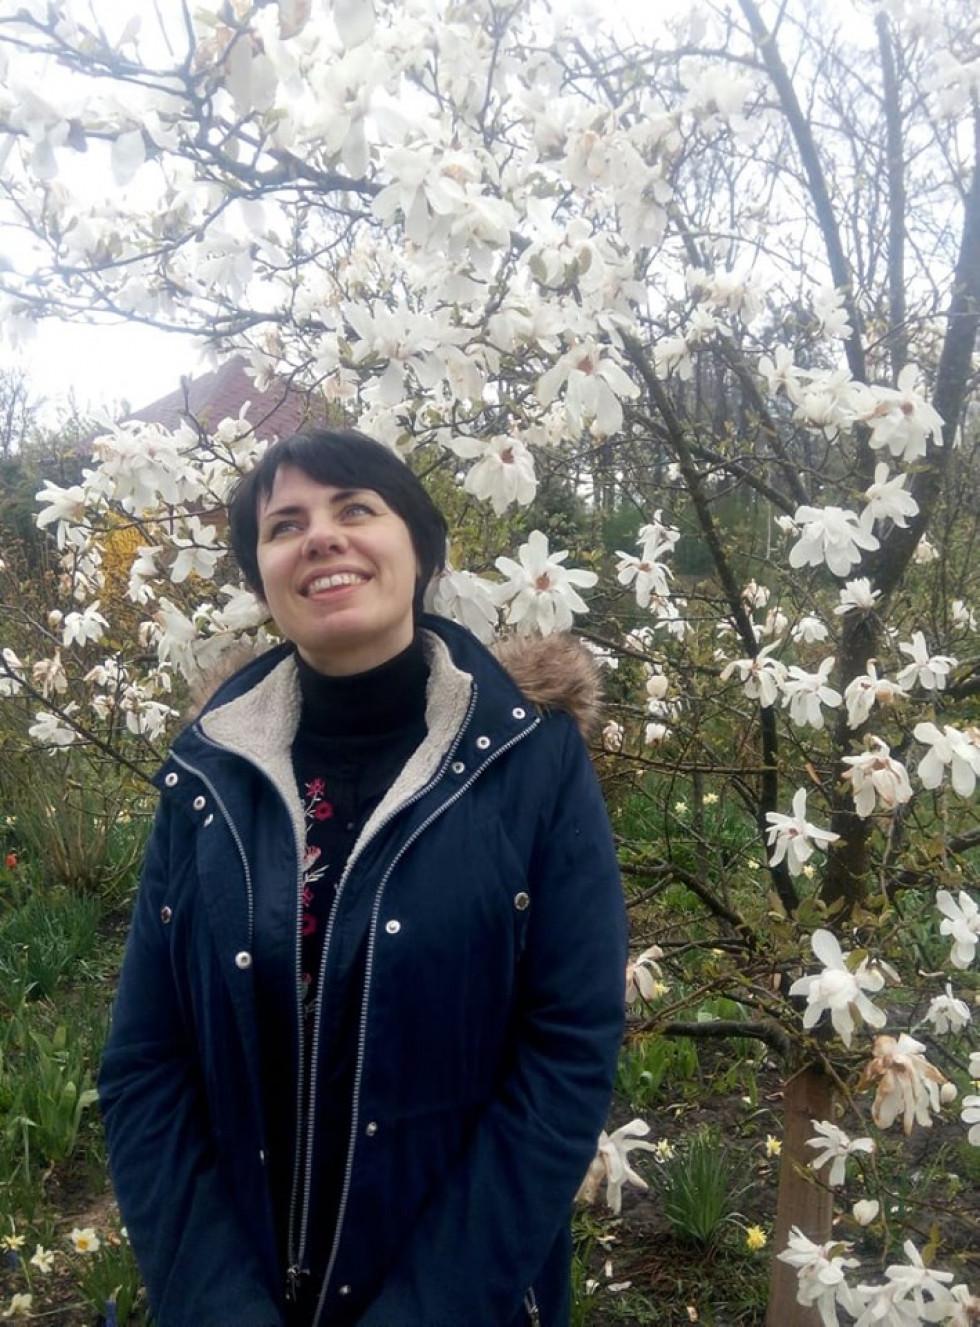 Лучанка Олена Мороль розповіла про еко-бренд Farfalla